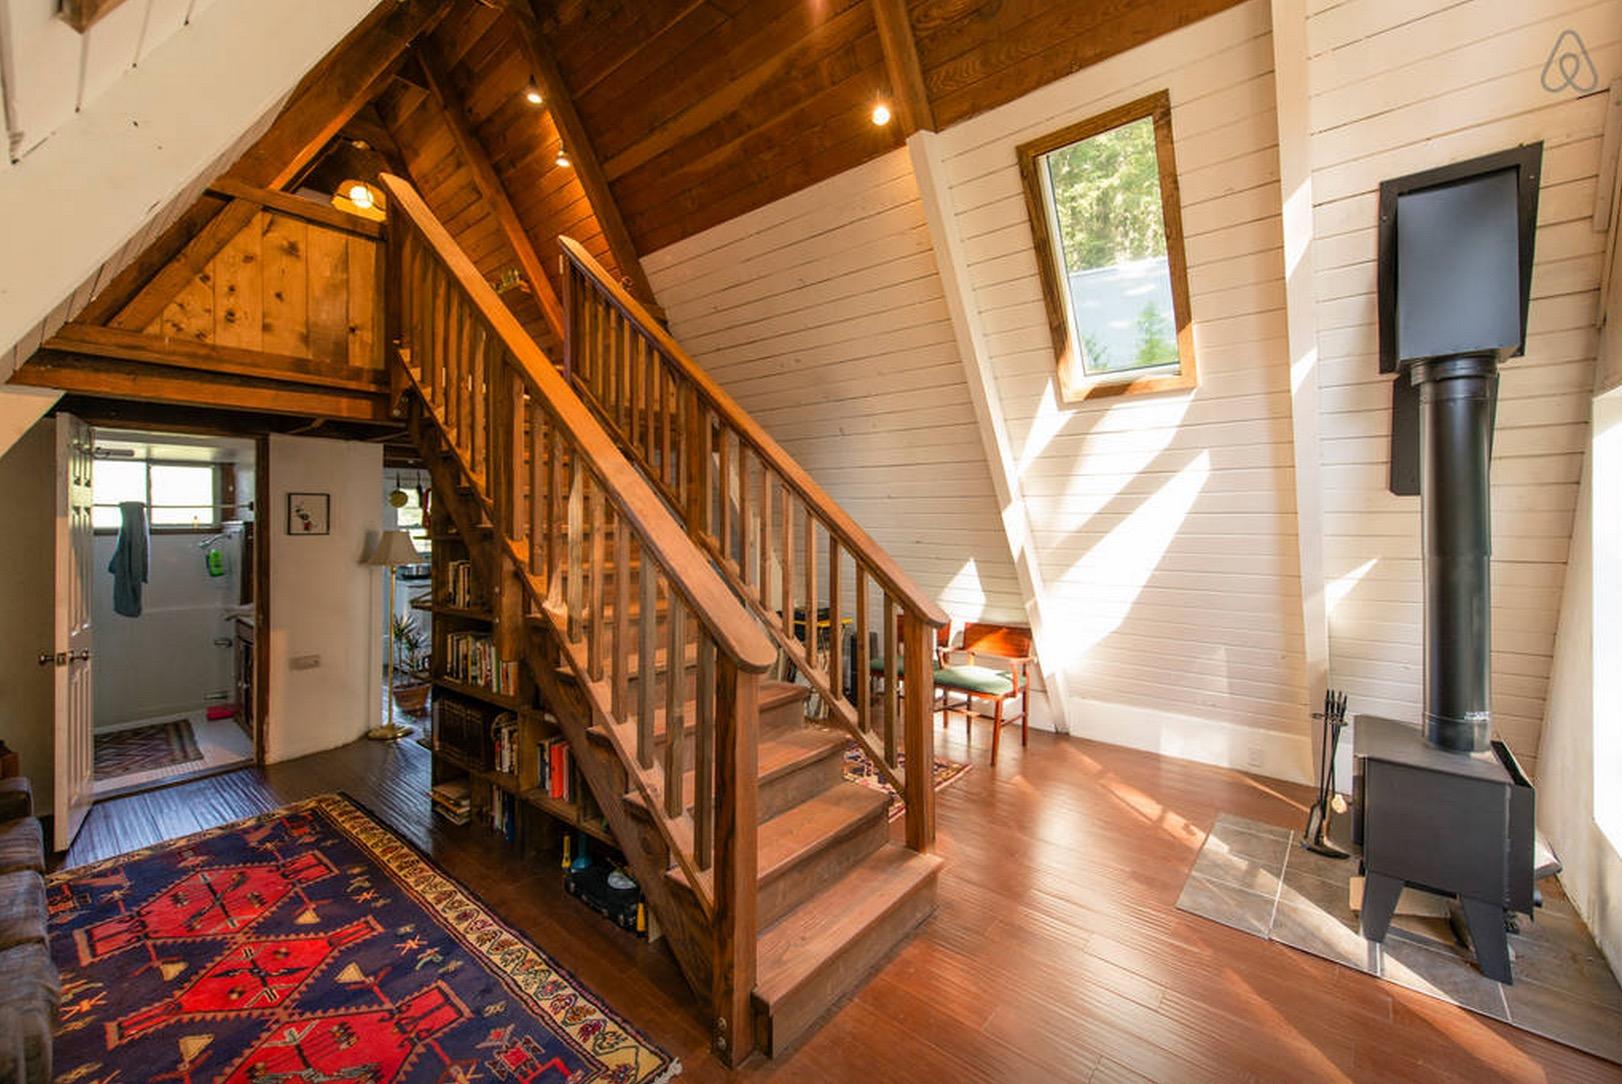 Cabin-Redwoods-Joli-Joli-Design-Cabine-02